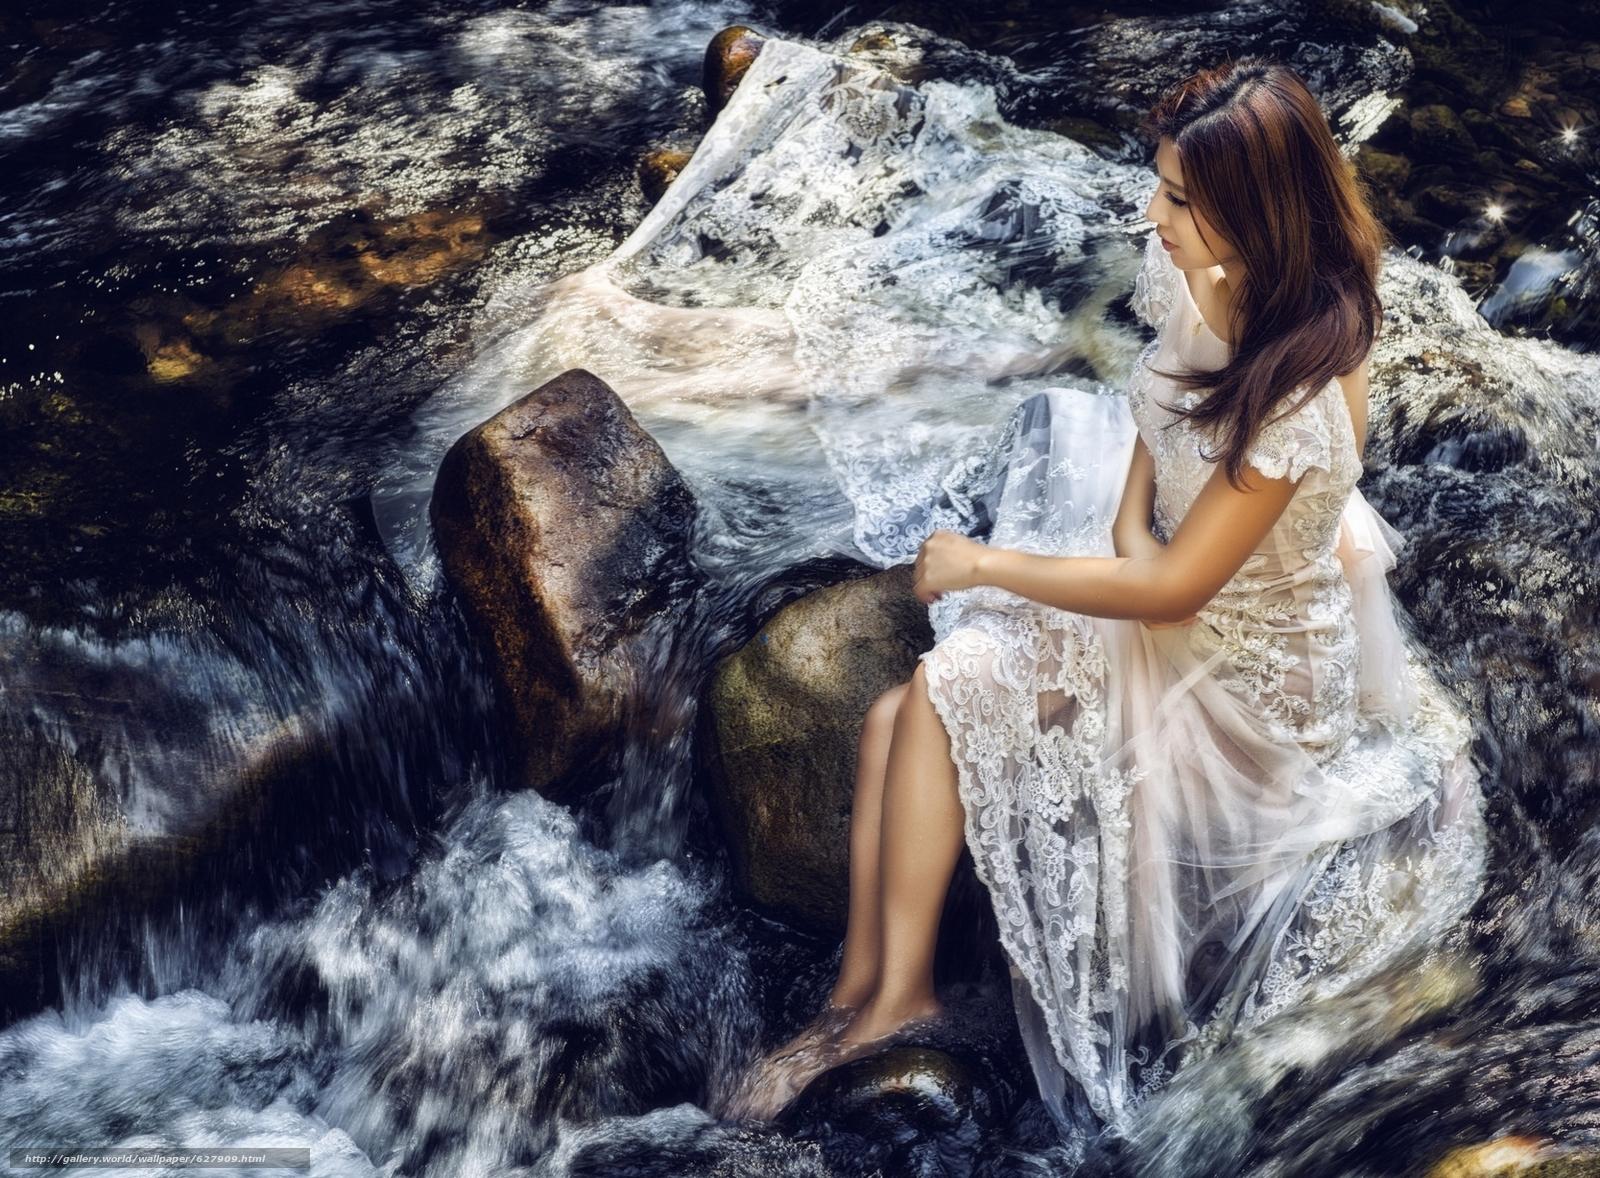 Картинки девушек на реки